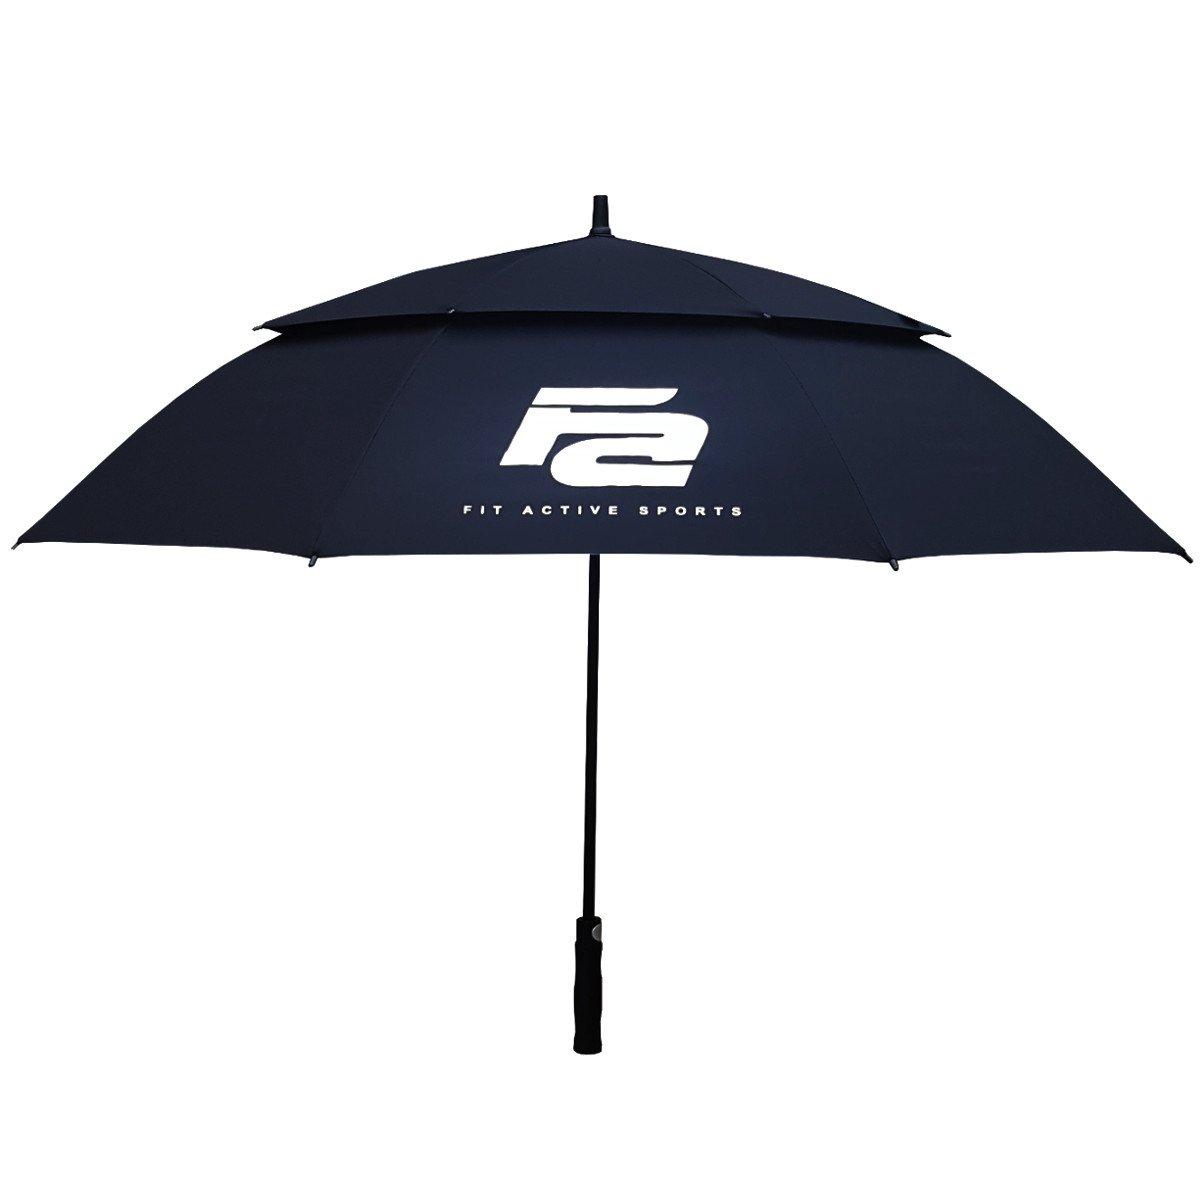 Fit Active Sports Golf Umbrella (Black)